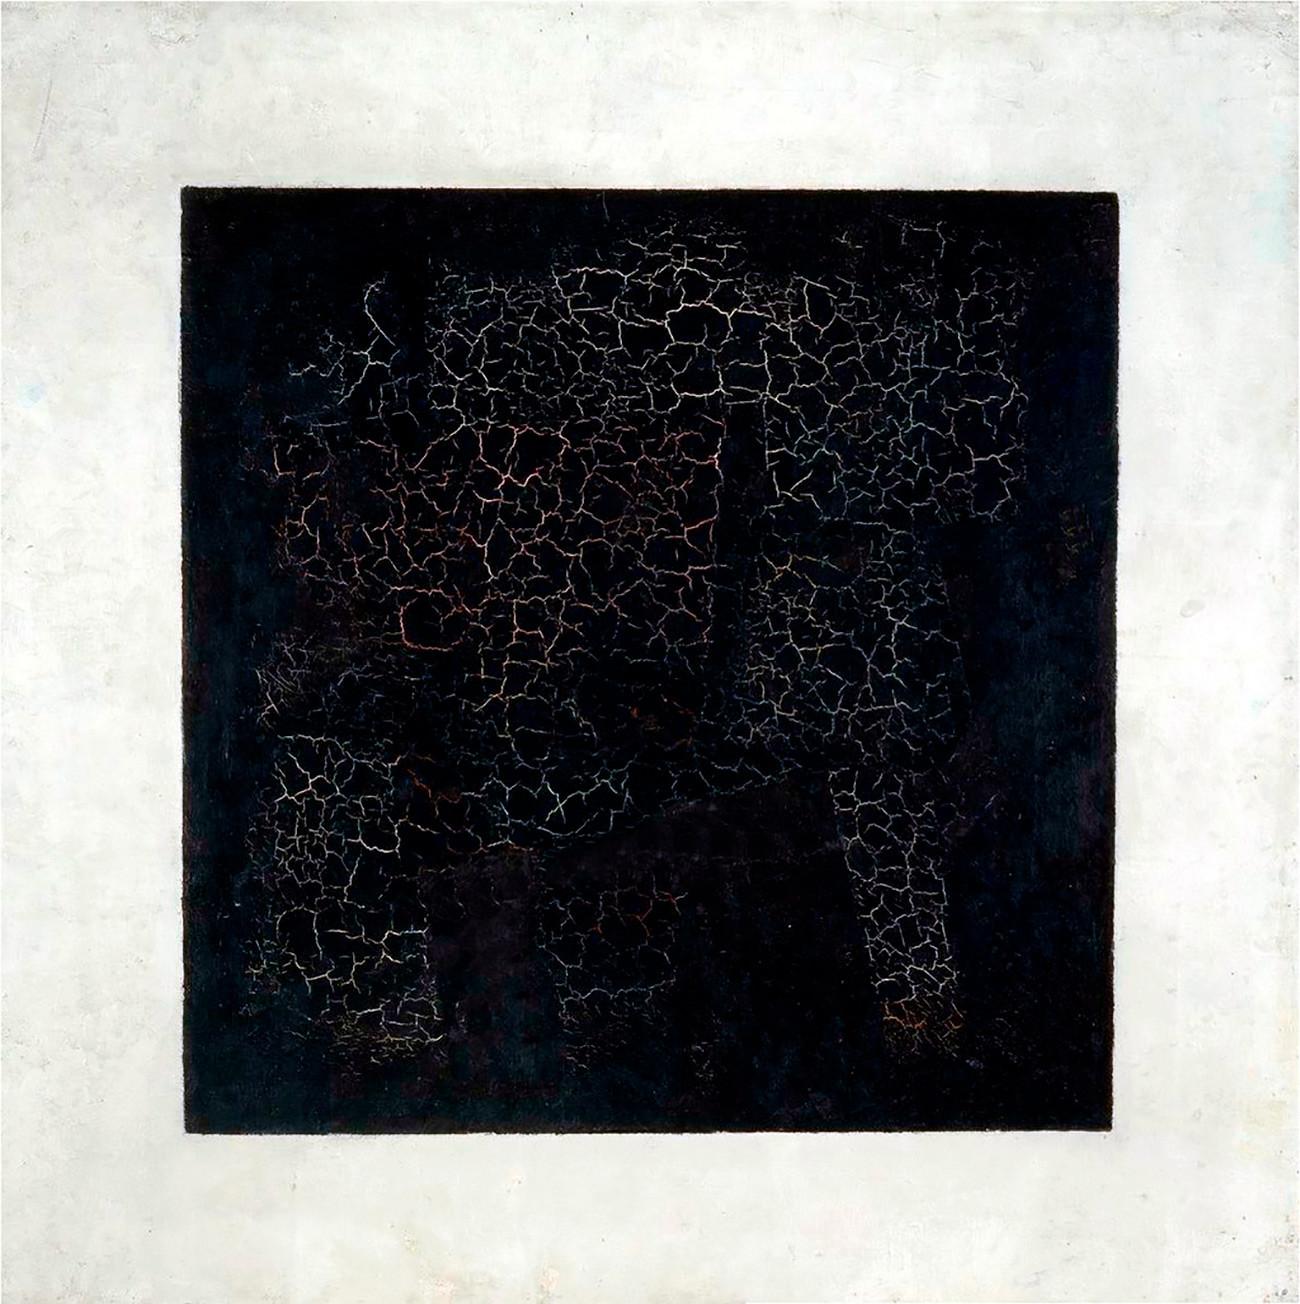 Il Quadrato Nero di Malevich